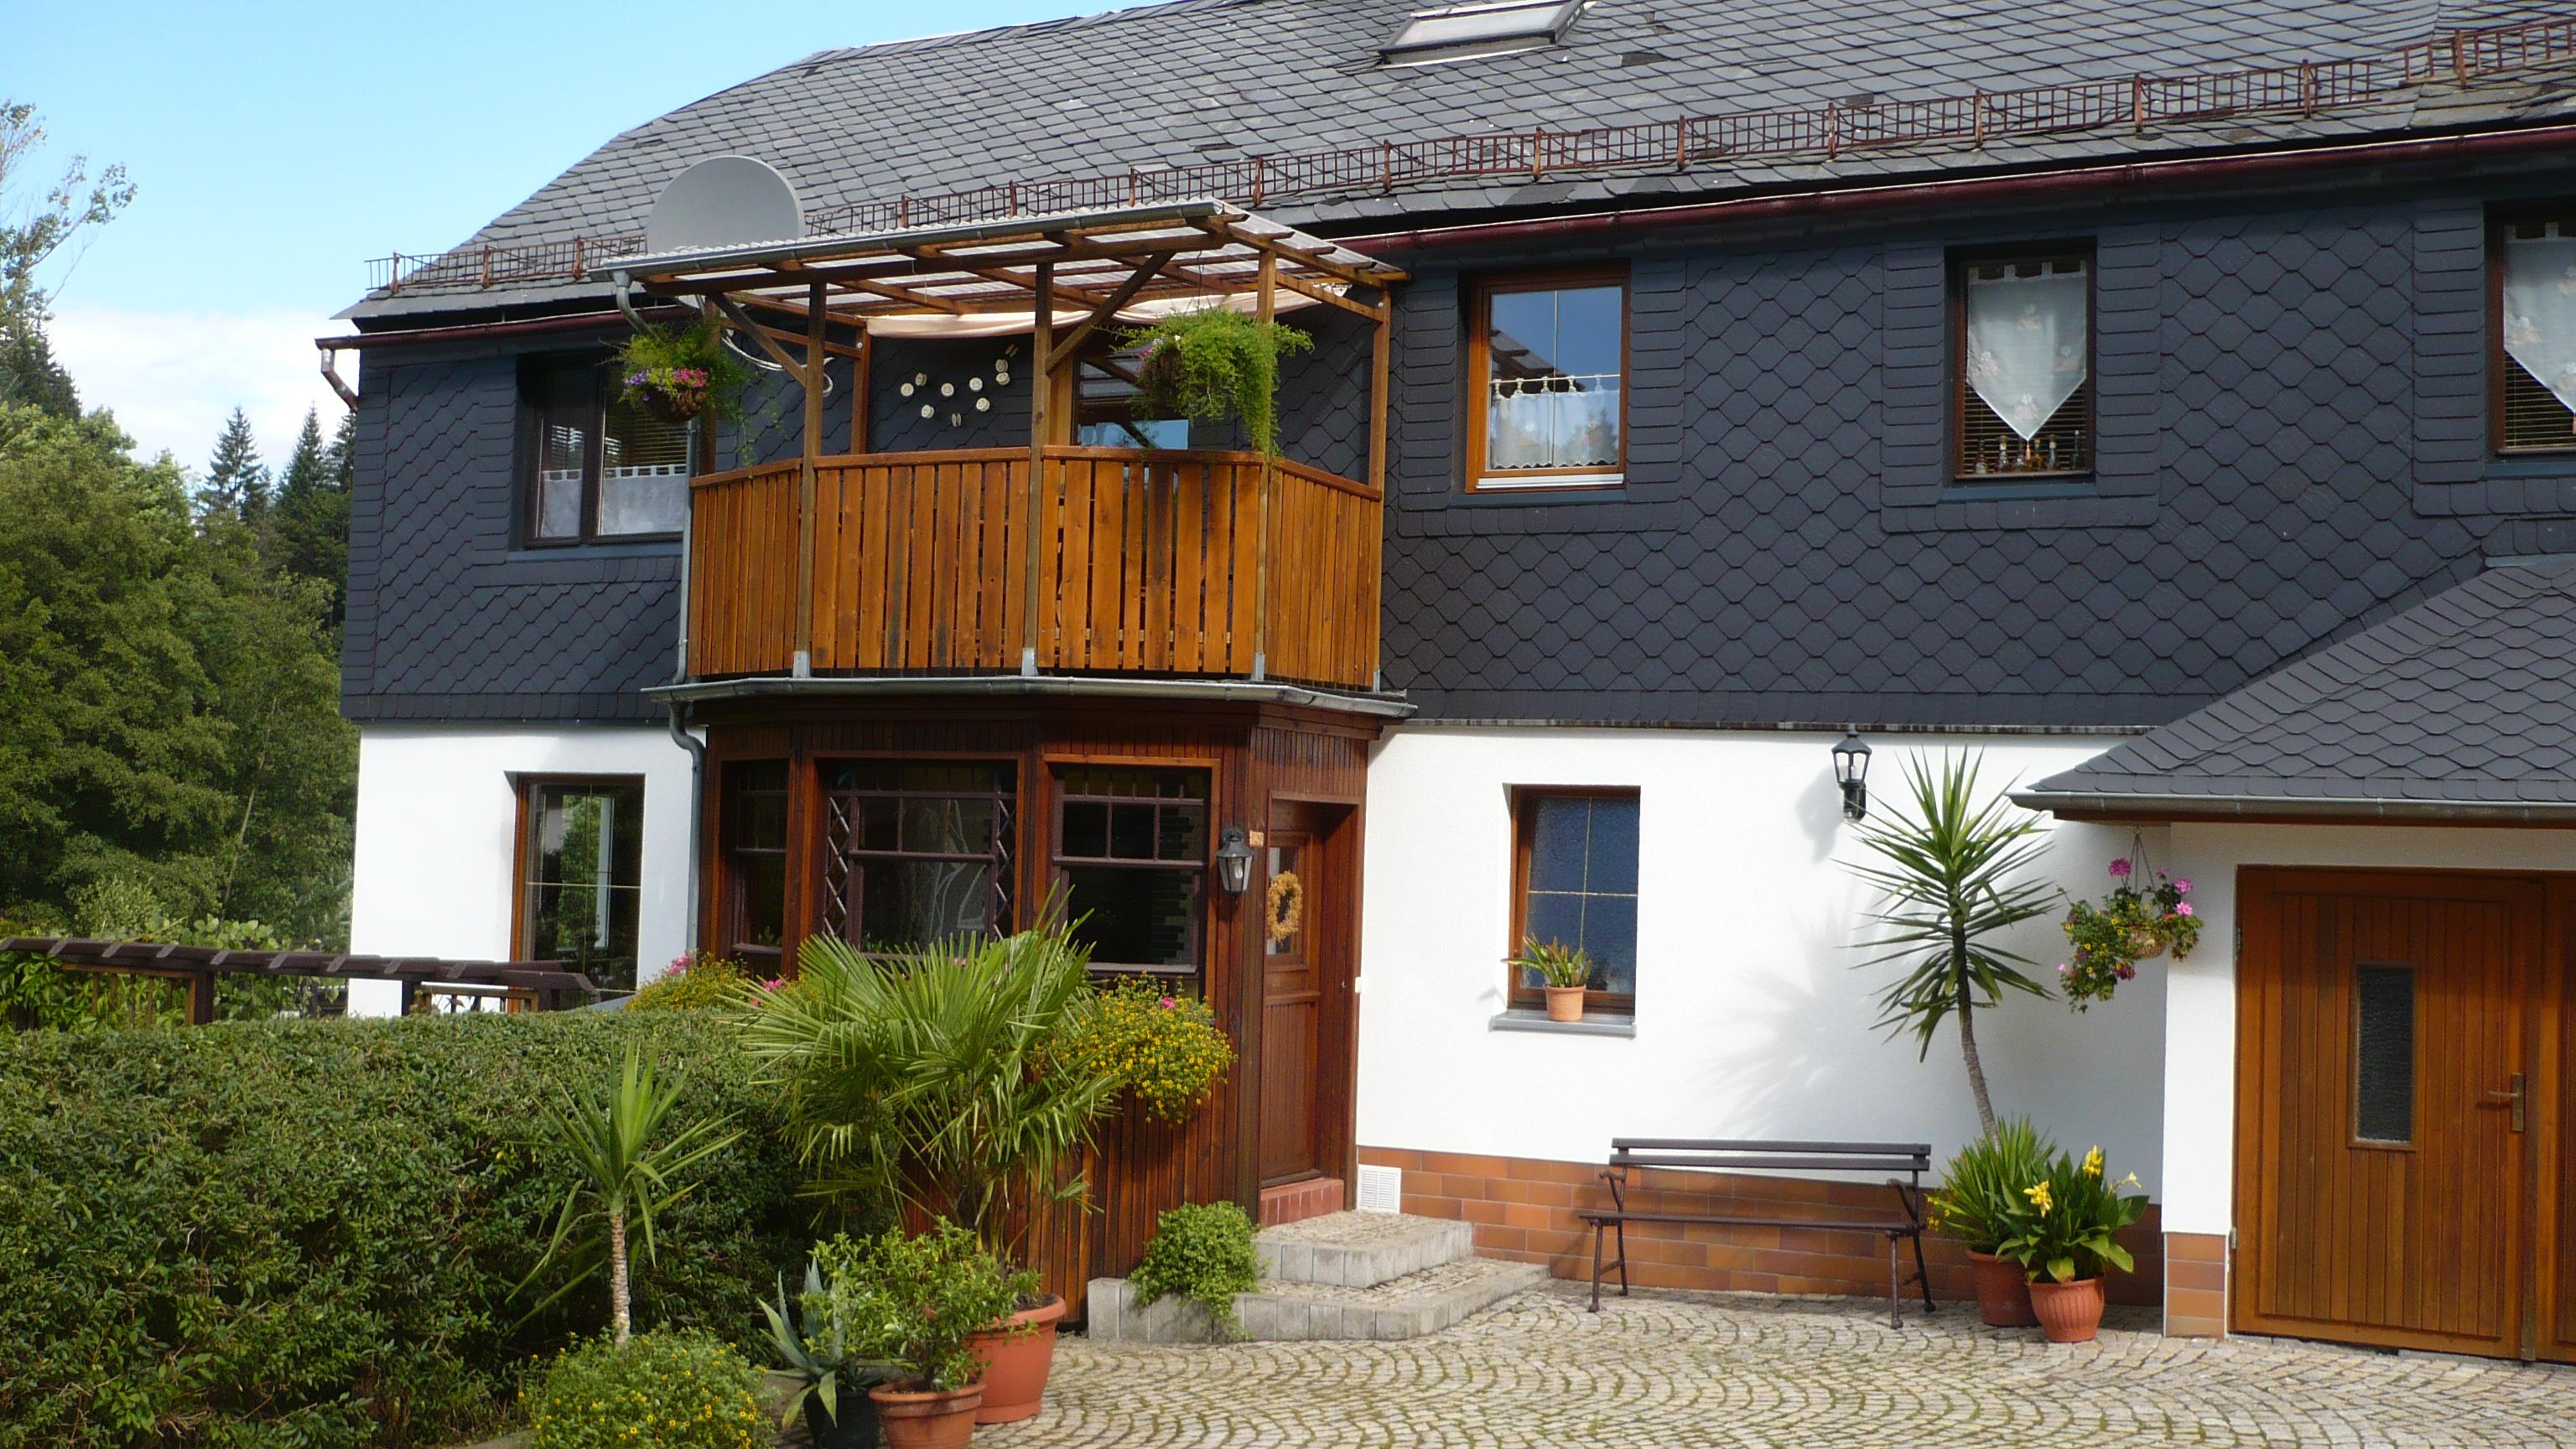 Hammerfinken-Nest (Wurzbach). Ferienwohnung mit dr Ferienwohnung in Thüringen